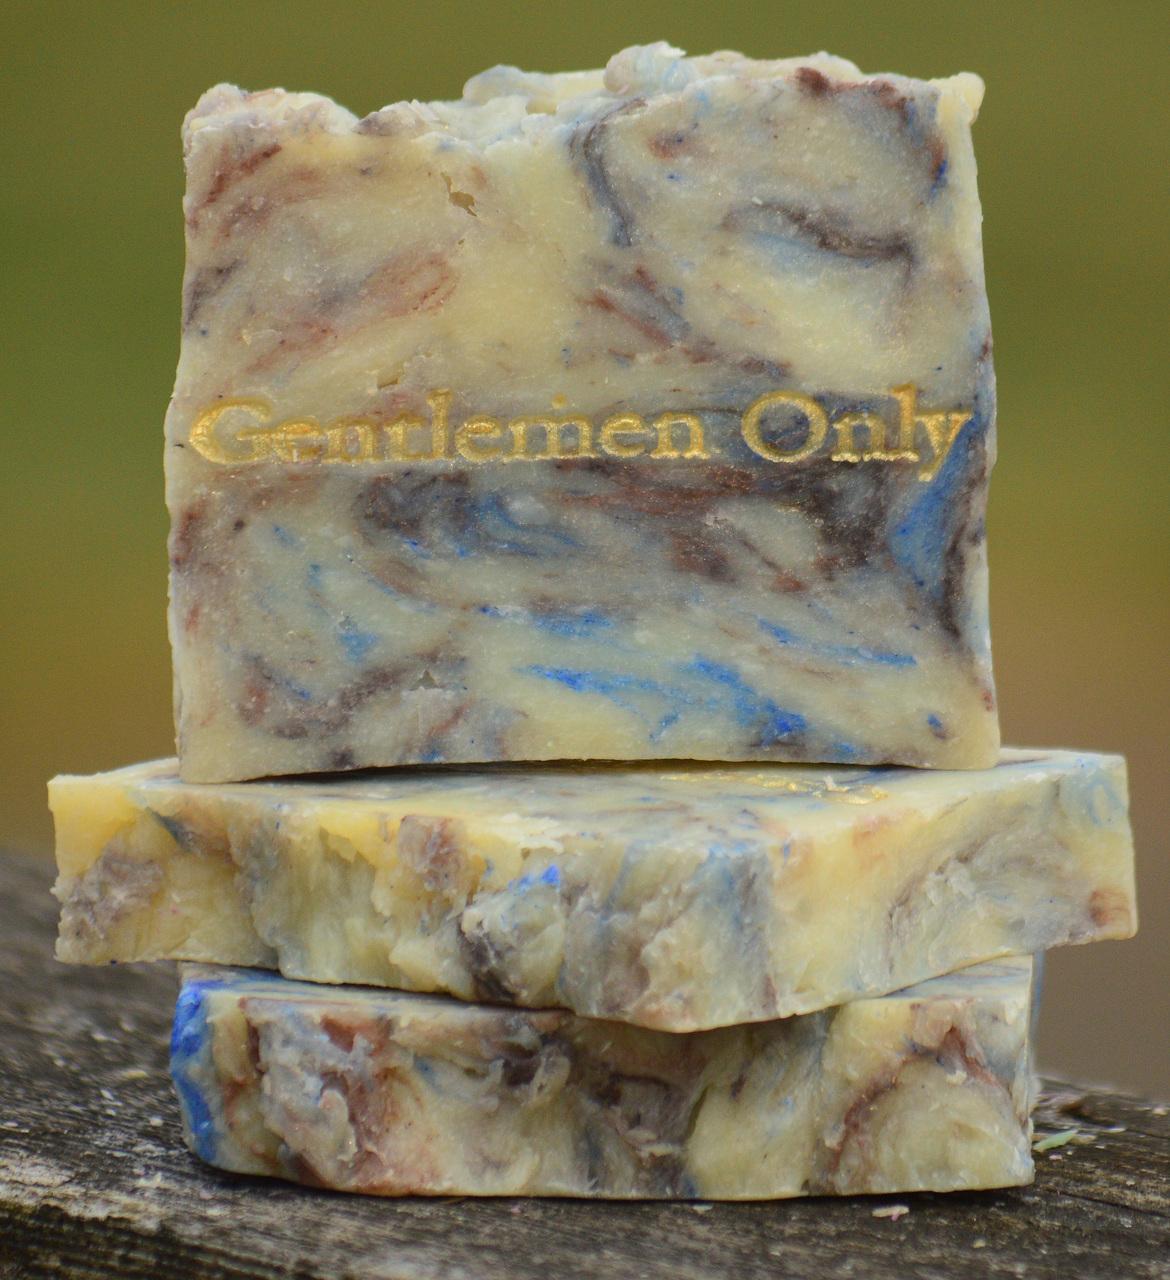 Gentleman Only Goat Milk Soap Slice